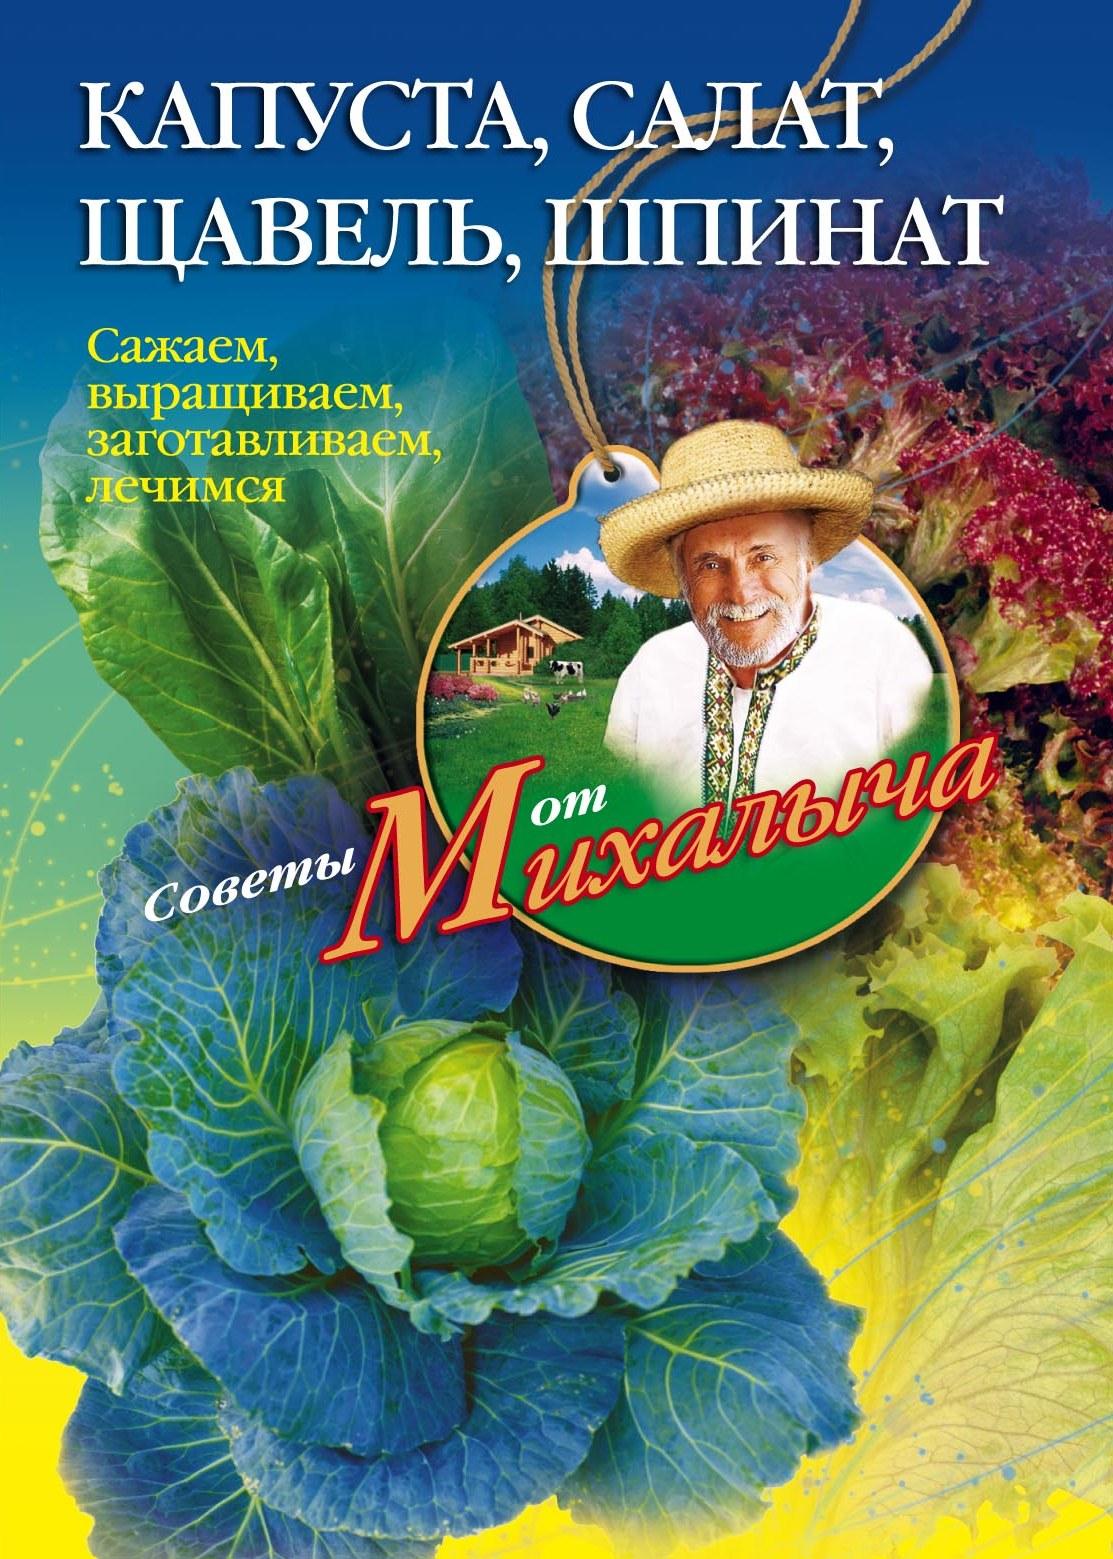 цена на Николай Звонарев Капуста, салат, щавель, шпинат. Сажаем, выращиваем, заготавливаем, лечимся